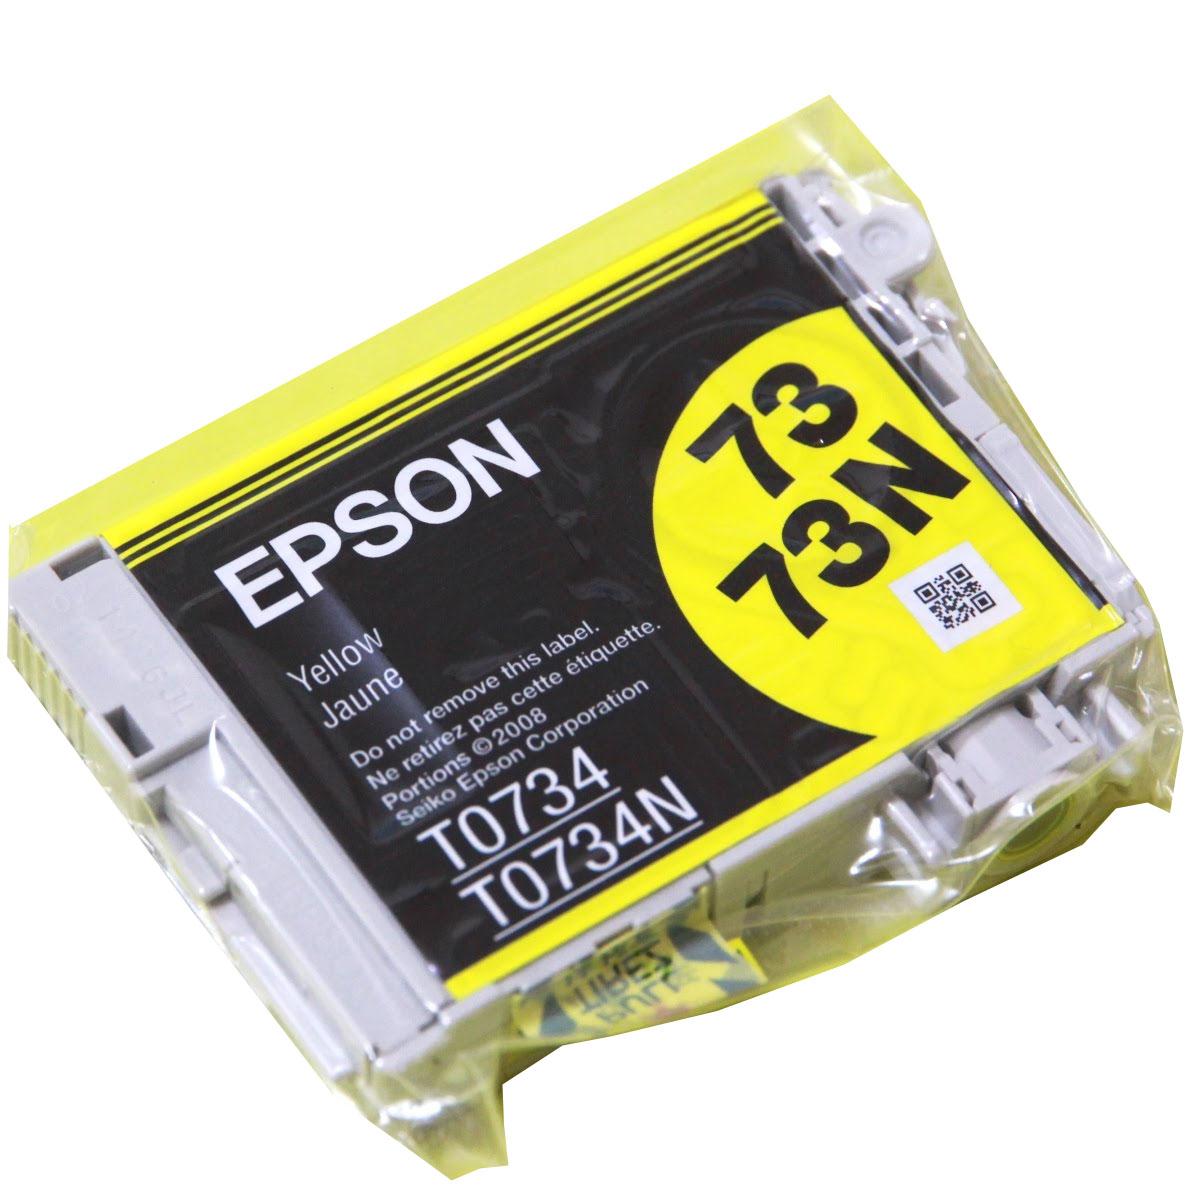 Cartucho Epson TO734 Original Amarelo Blister para os modelos C79 C3900 CX4900 CX5900 CX6900 CX7300 CX8300 TX200 TX210 TX220 TX300F TX400 TX410